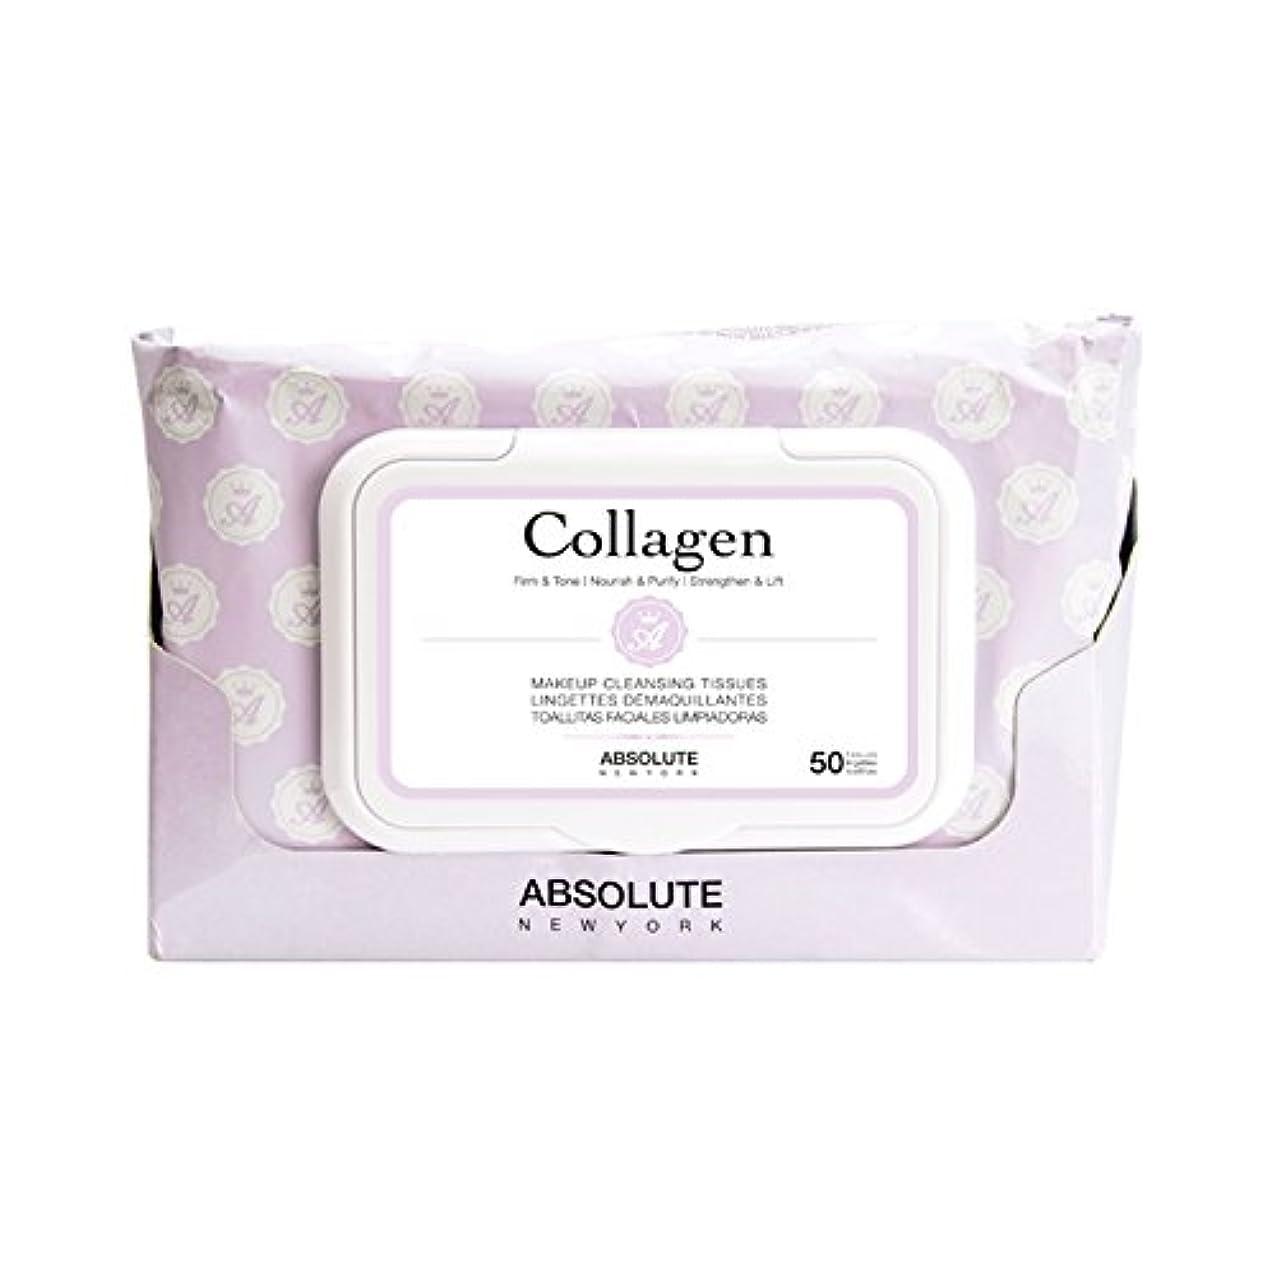 過度の矩形ぼんやりした(3 Pack) ABSOLUTE Makeup Cleansing Tissue 50CT - Collagen (並行輸入品)